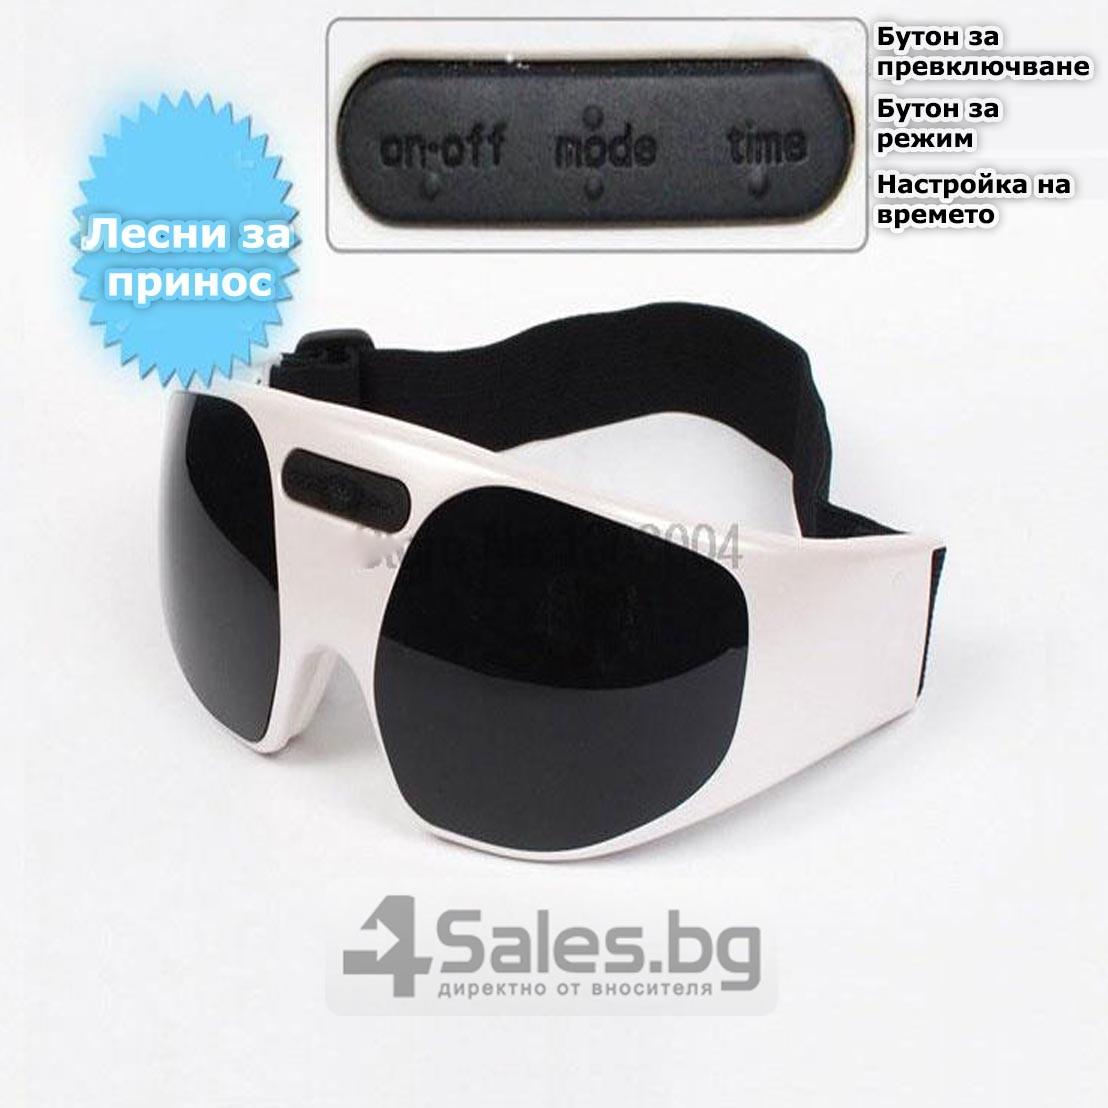 Акупунктурен масажор за очи с вибрации и регулираща се лента TV75 19